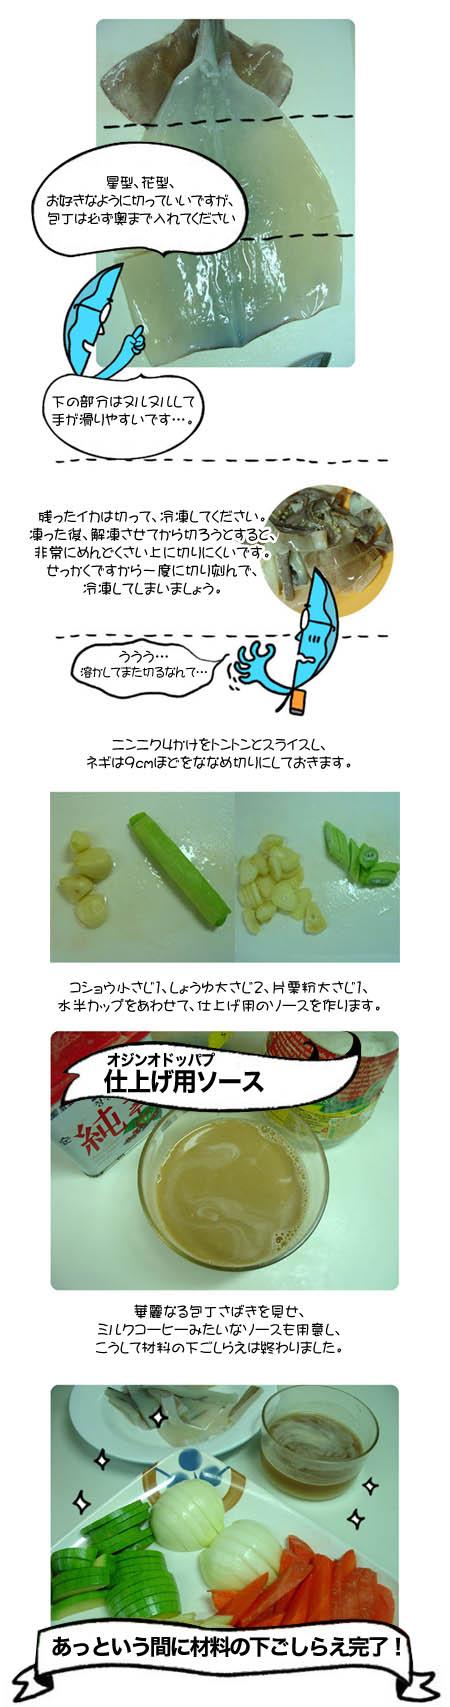 韓国料理のオジンオドッパプ(イカいため丼)